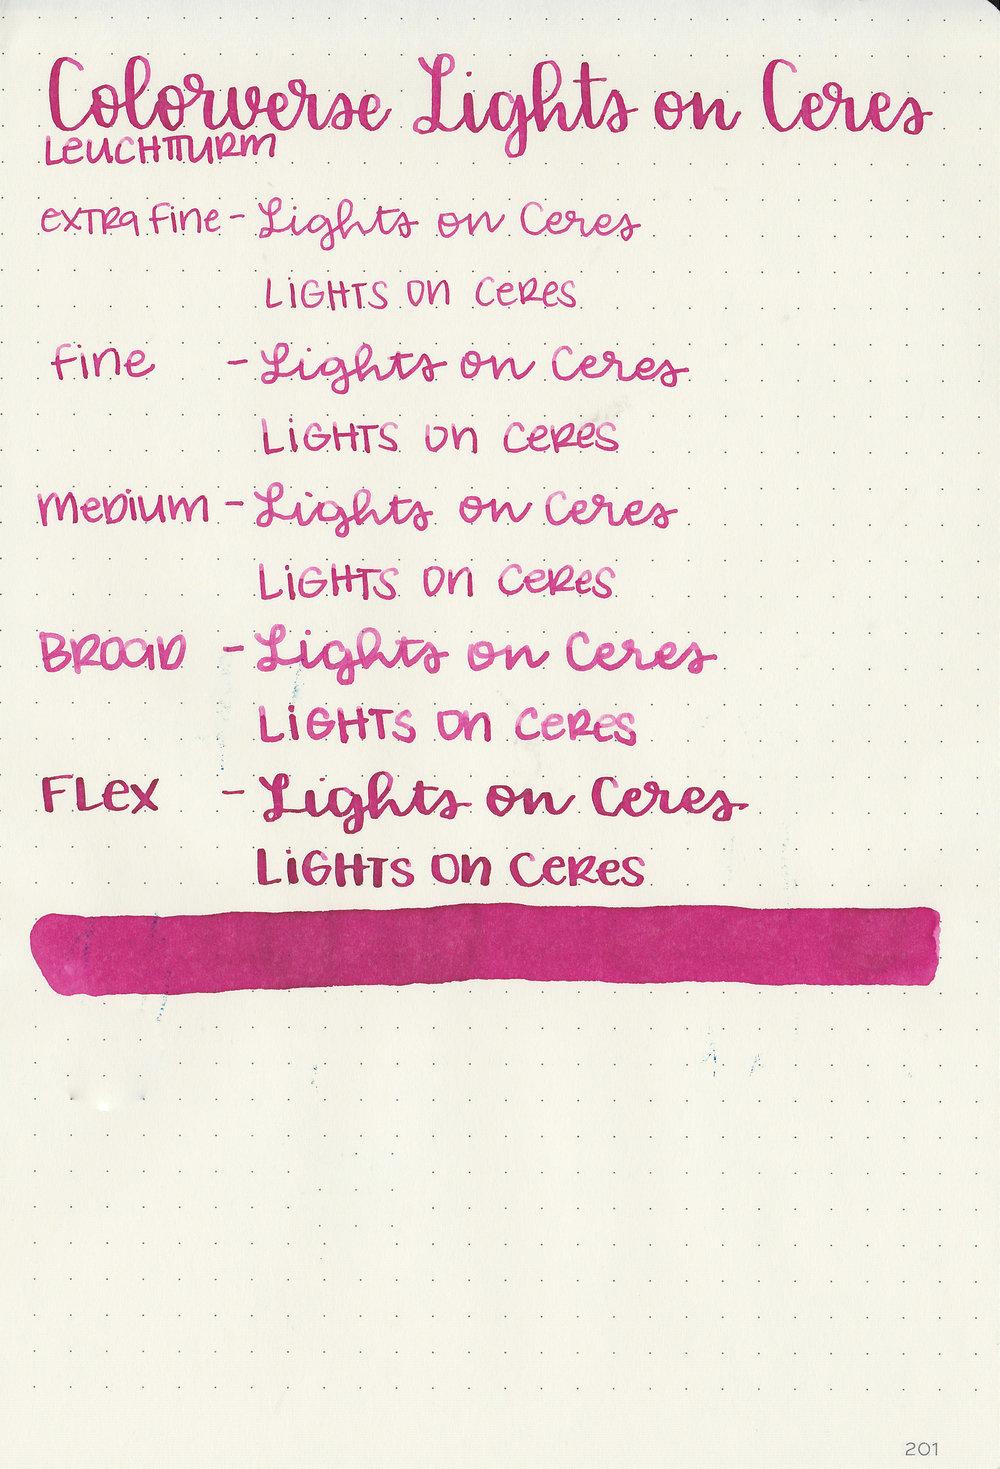 cv-lights-on-ceres-8.jpg